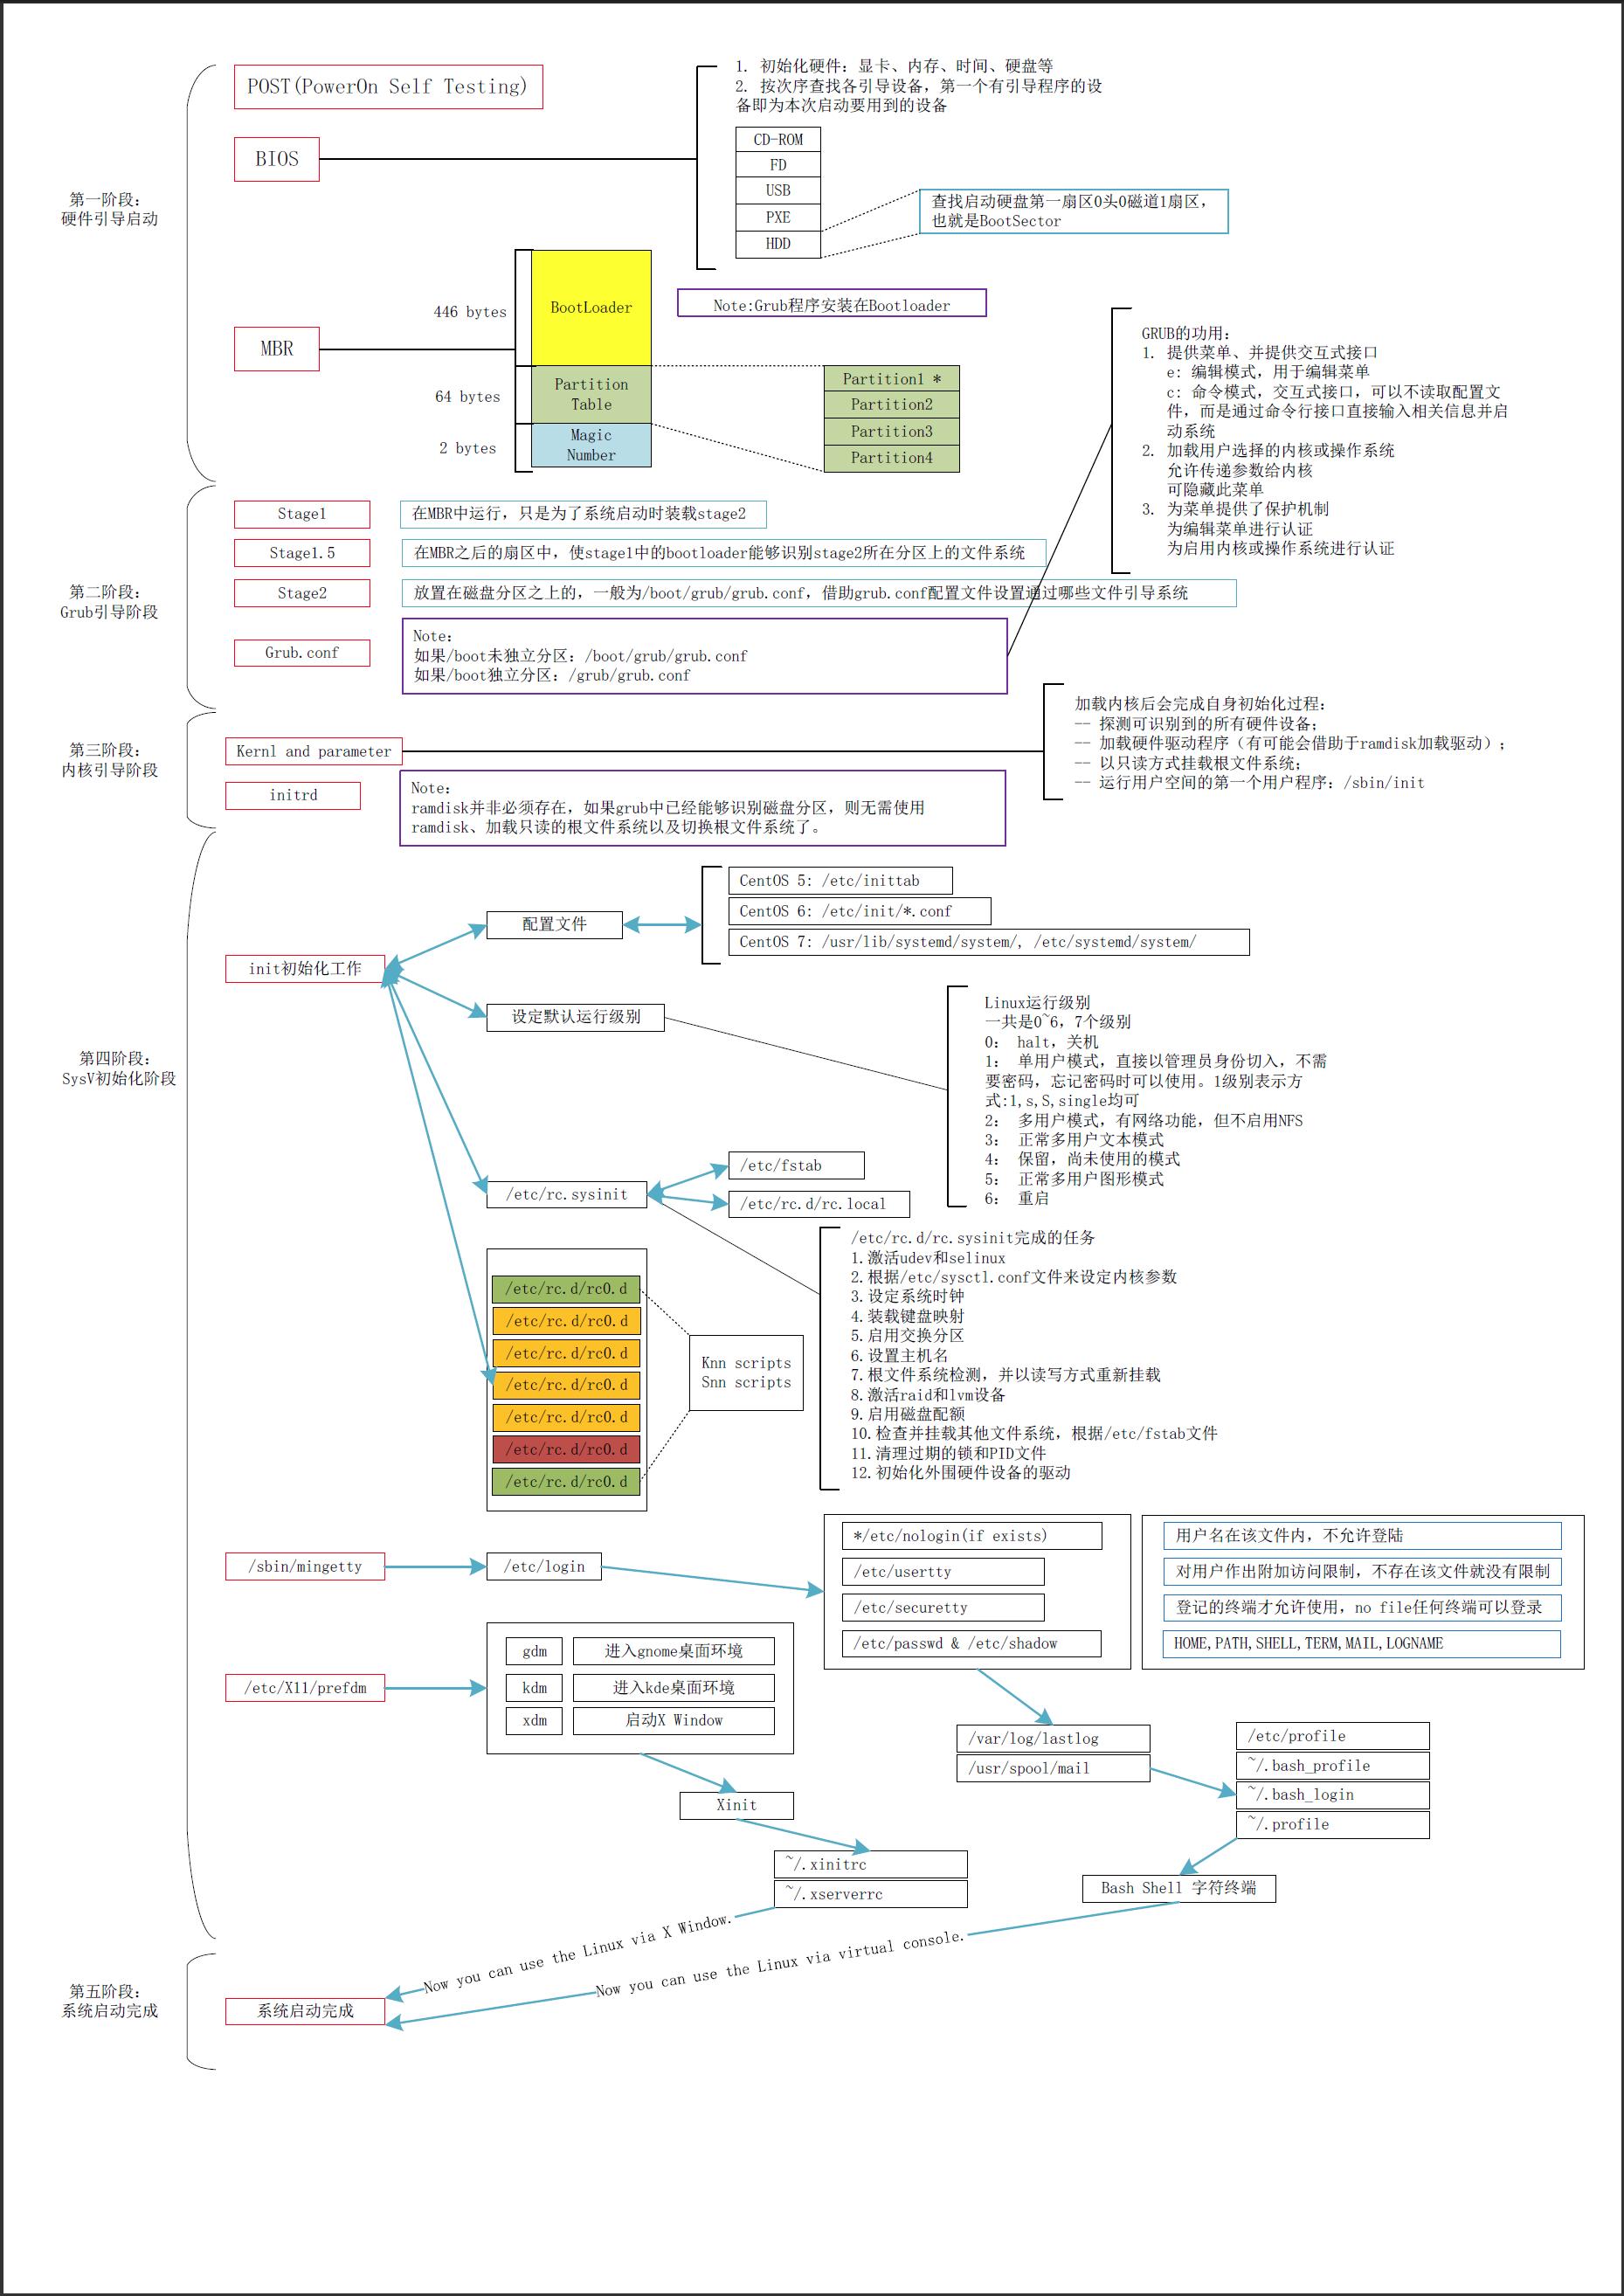 Linux启动流程示意图